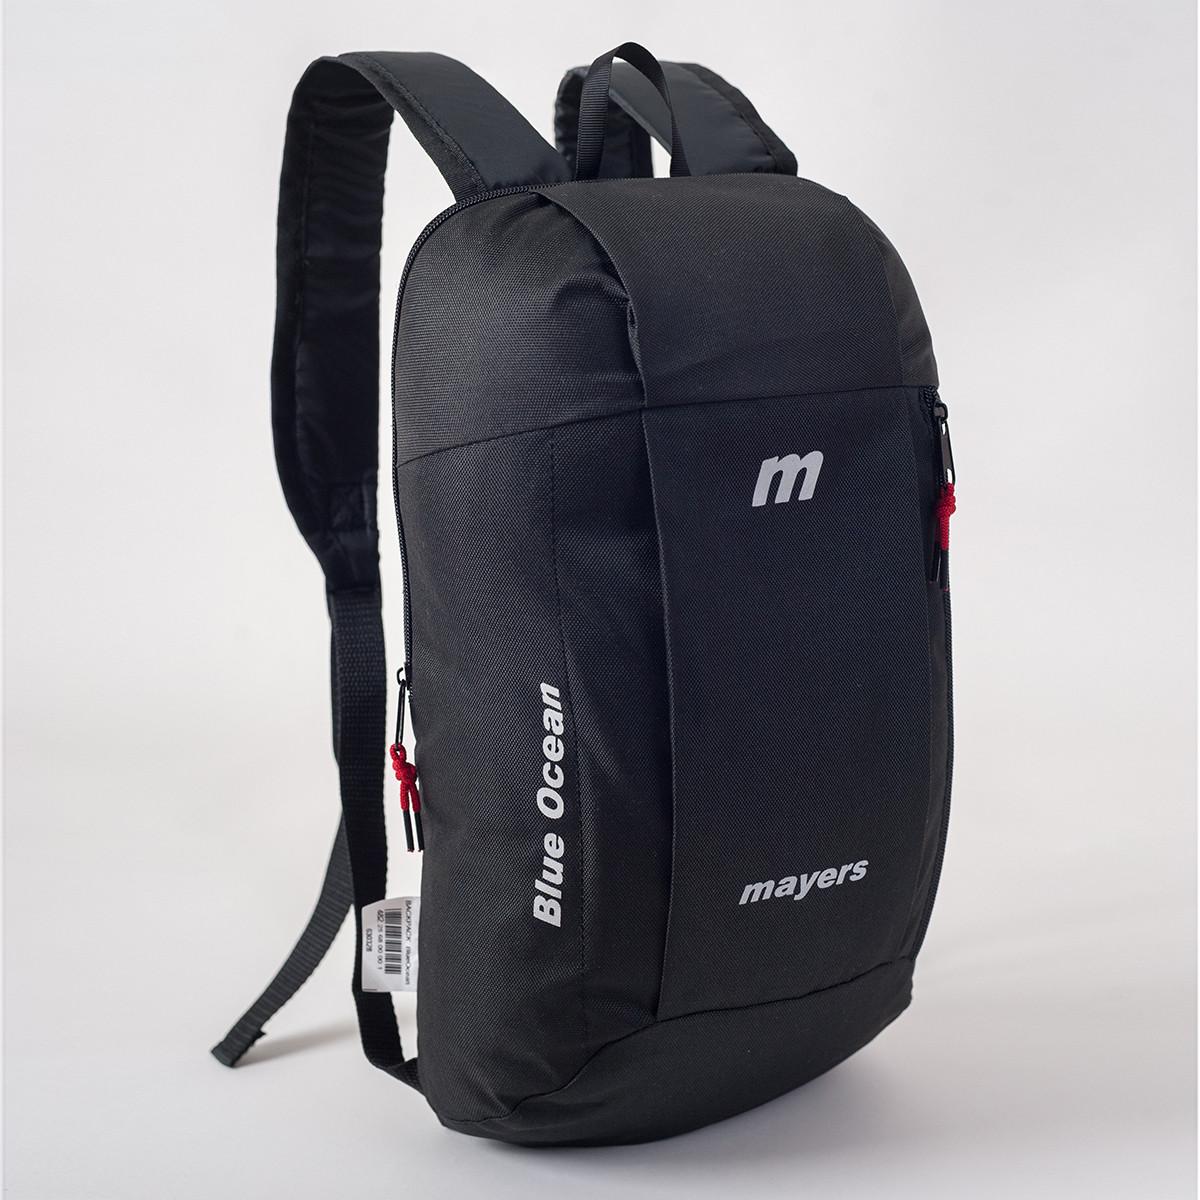 Спортивный рюкзак MAYERS 10L, черный / черная молния, фото 2